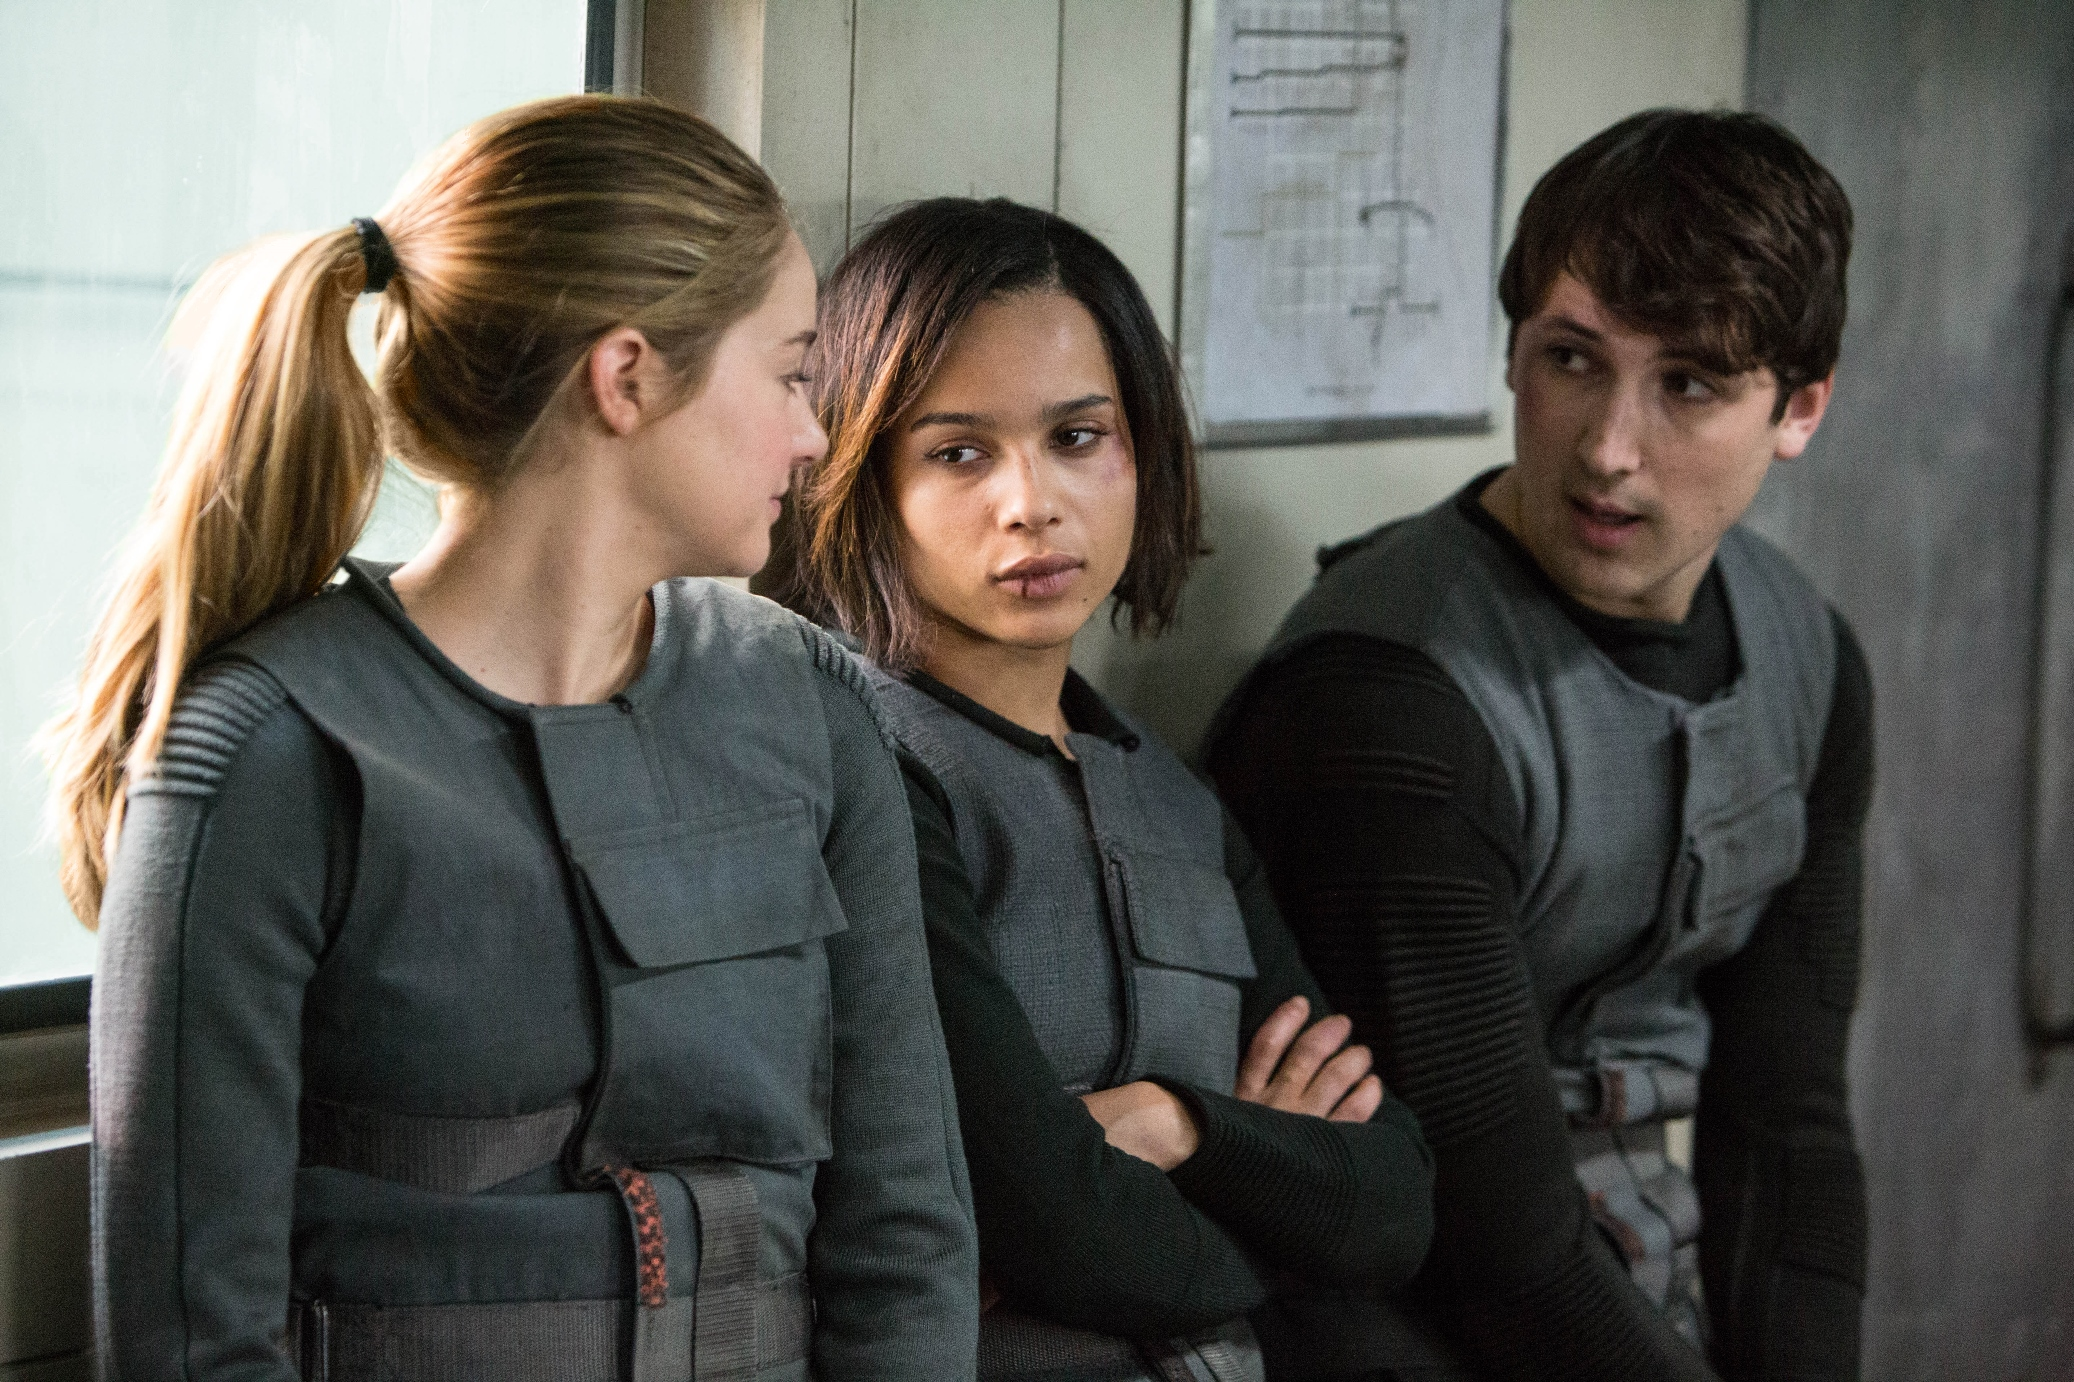 Divergent-Movie-Stills-BTS-Photo-HQ-Untagged-divergent-34842233-2074-1382.jpg